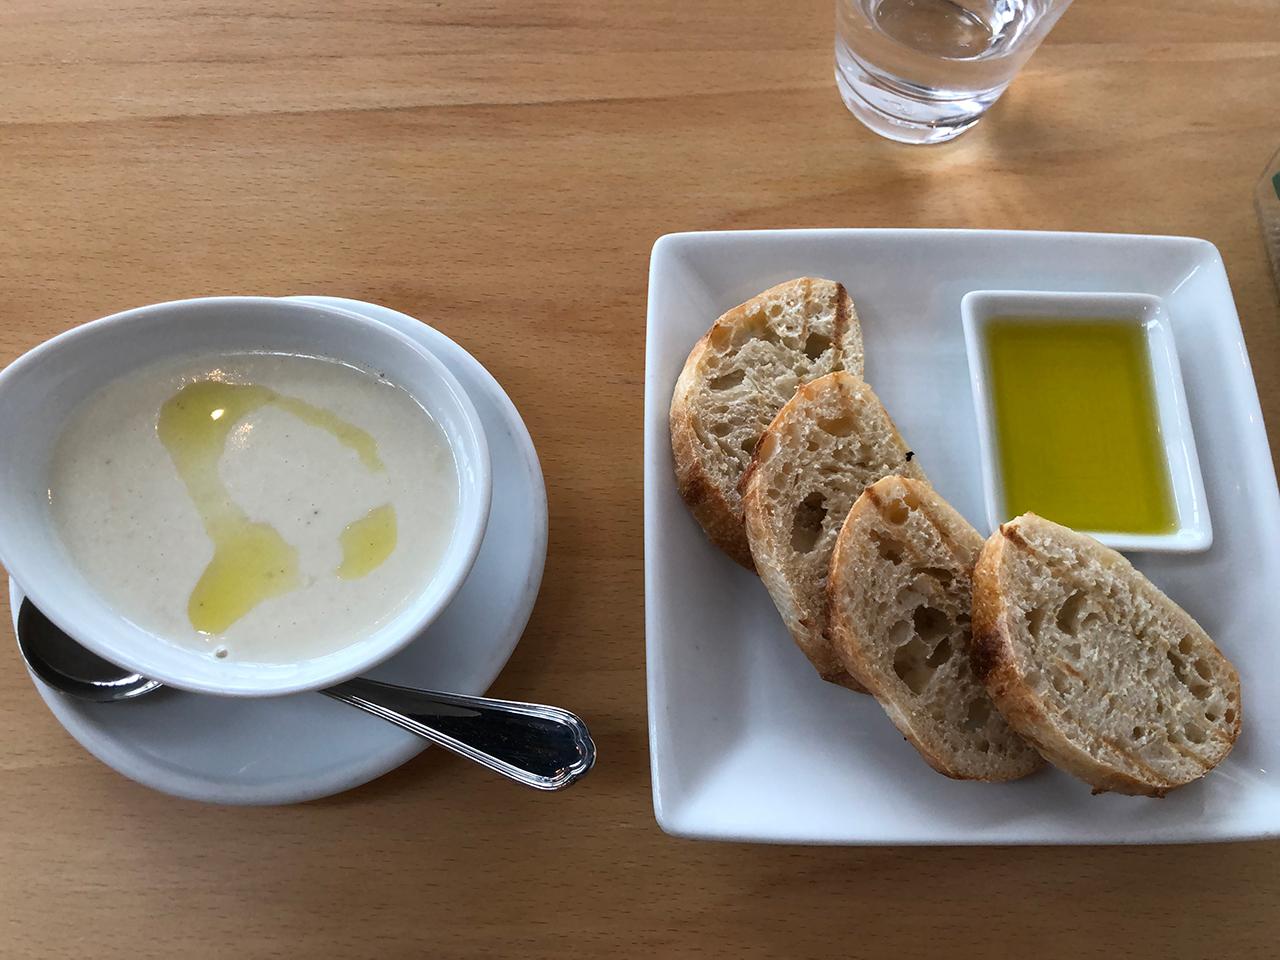 パンとスープを別注文